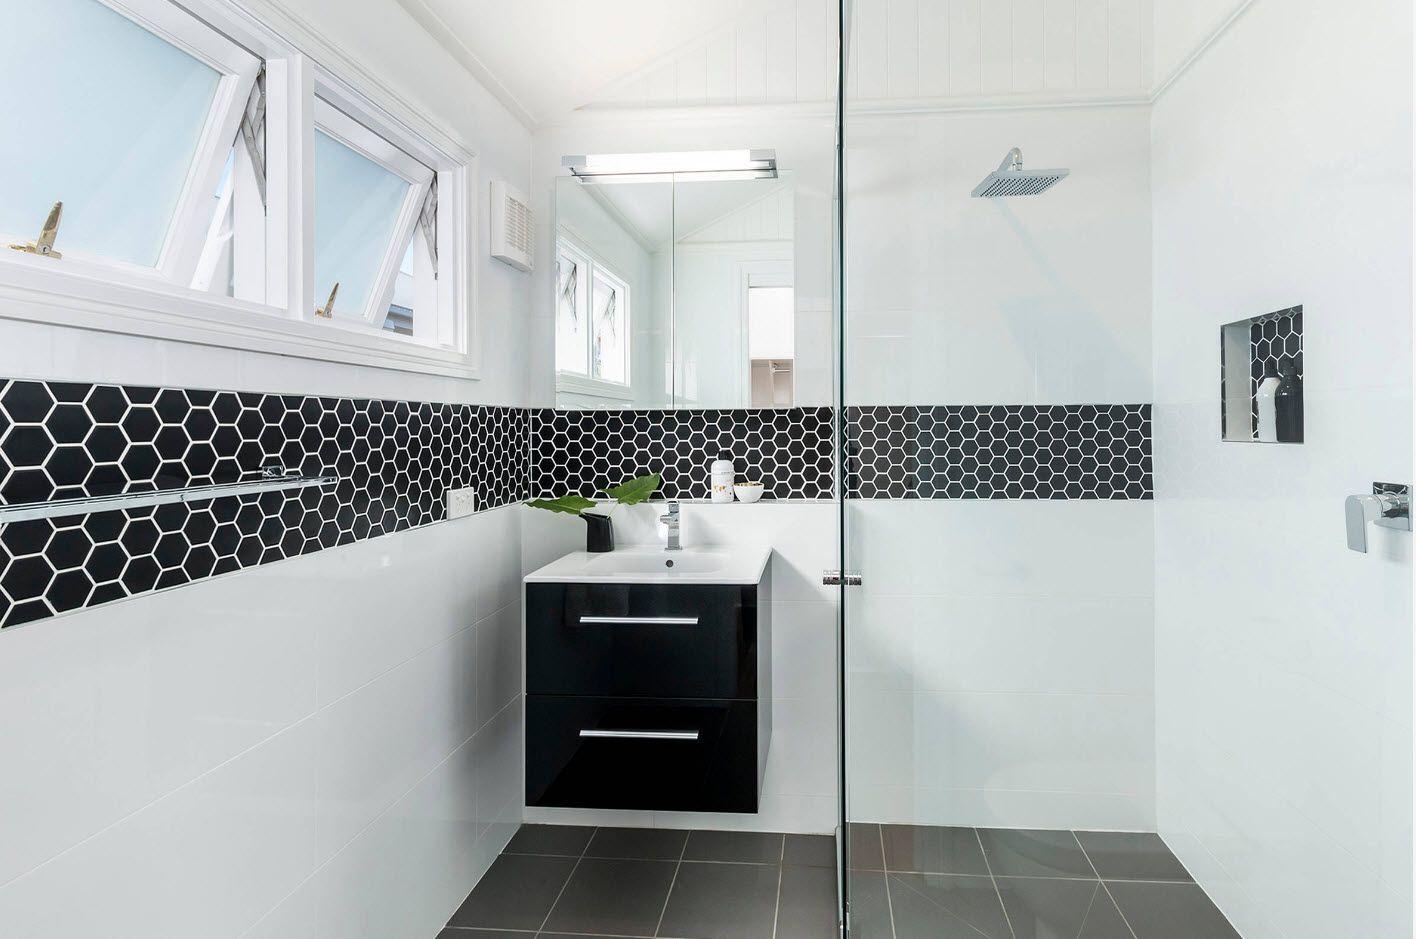 Black mosaic tile middle dividing line